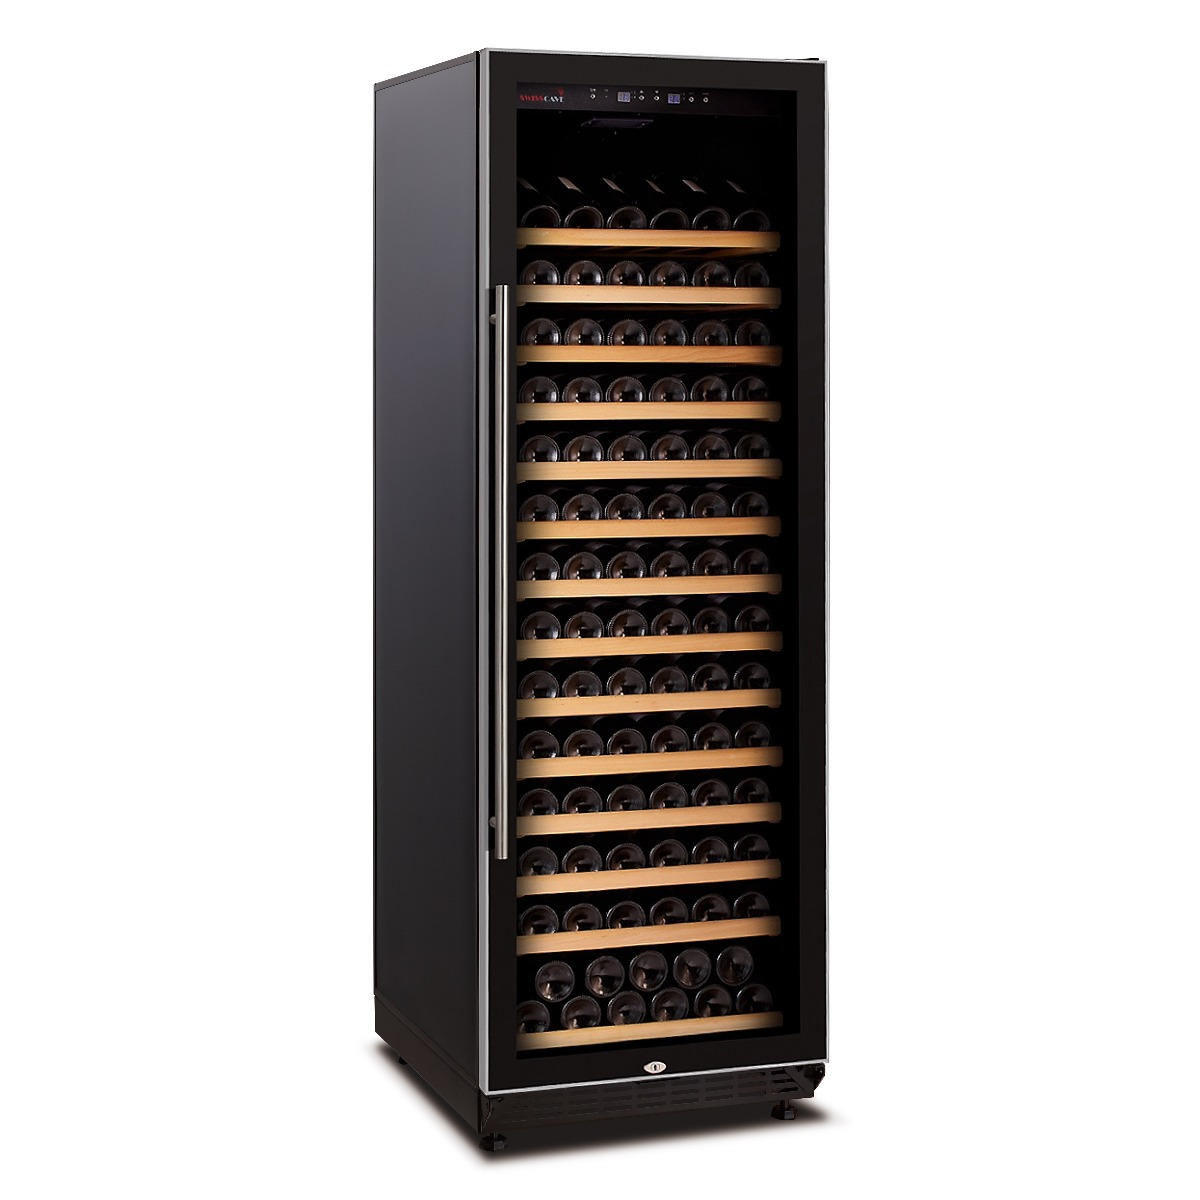 Weinklimaschrank WL440F (178-220 Fl.) › SWISSCAVE Weinkühlschränke